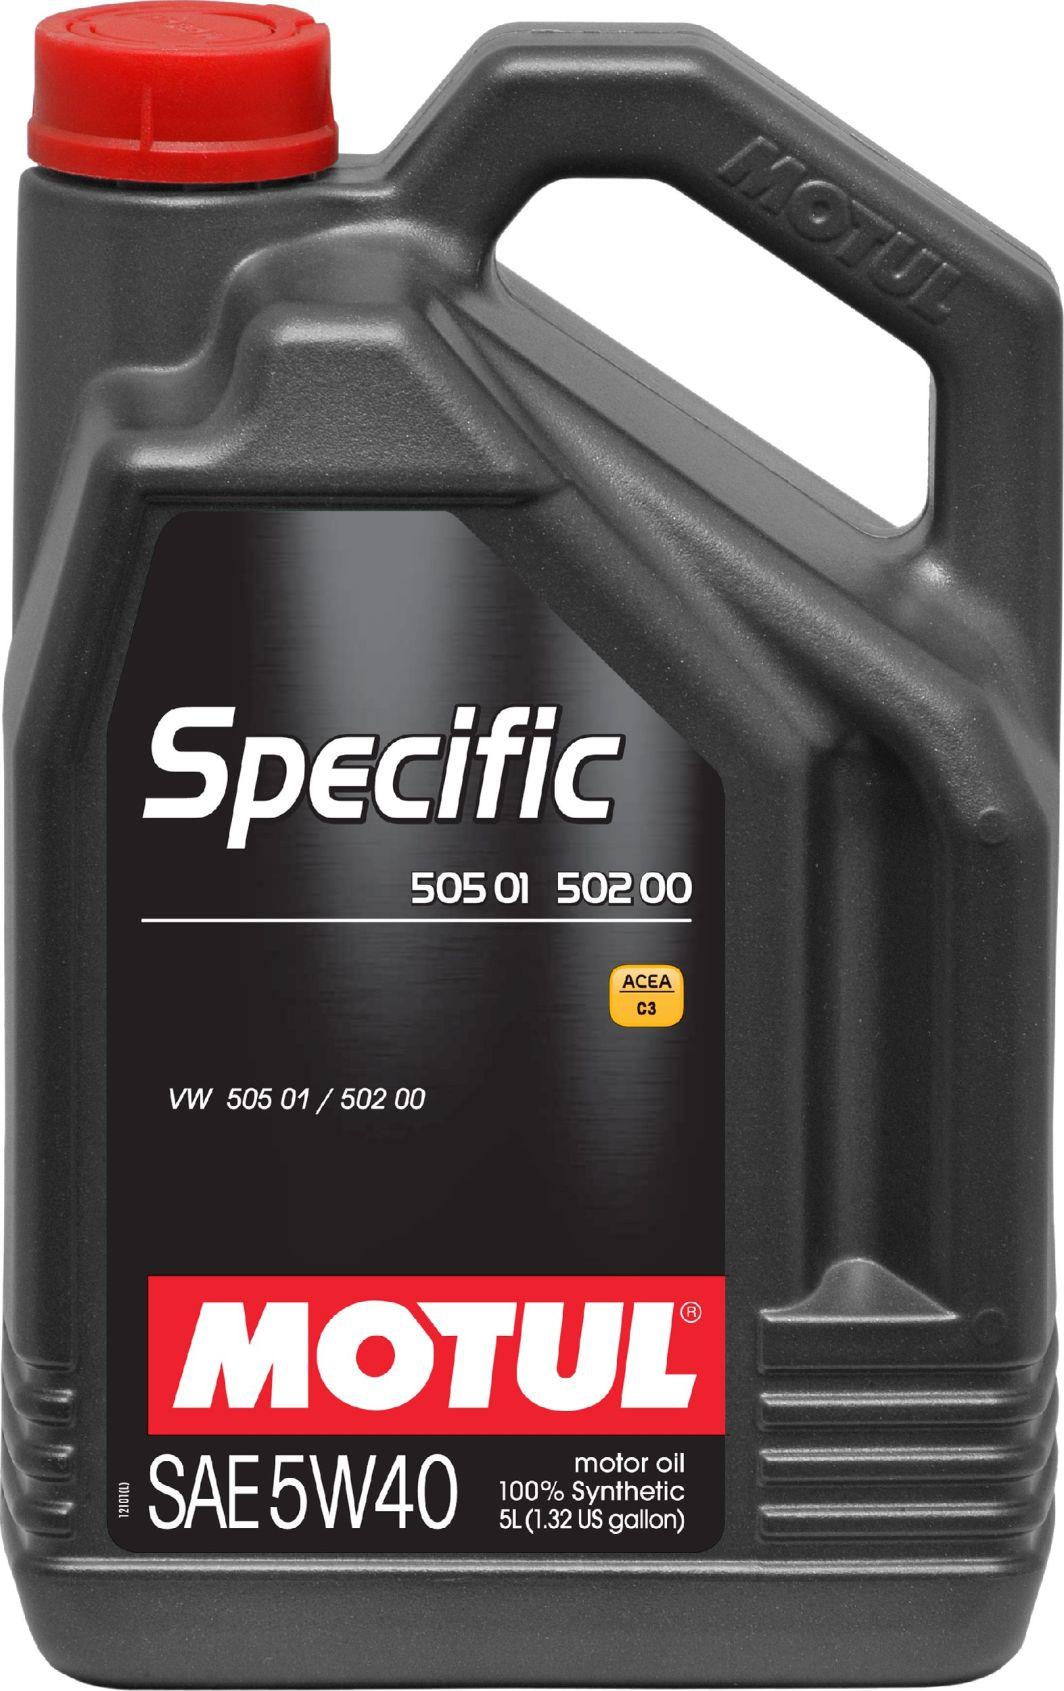 Olej silnikowy Motul Specific syntetyczny 5W-40 5L 1